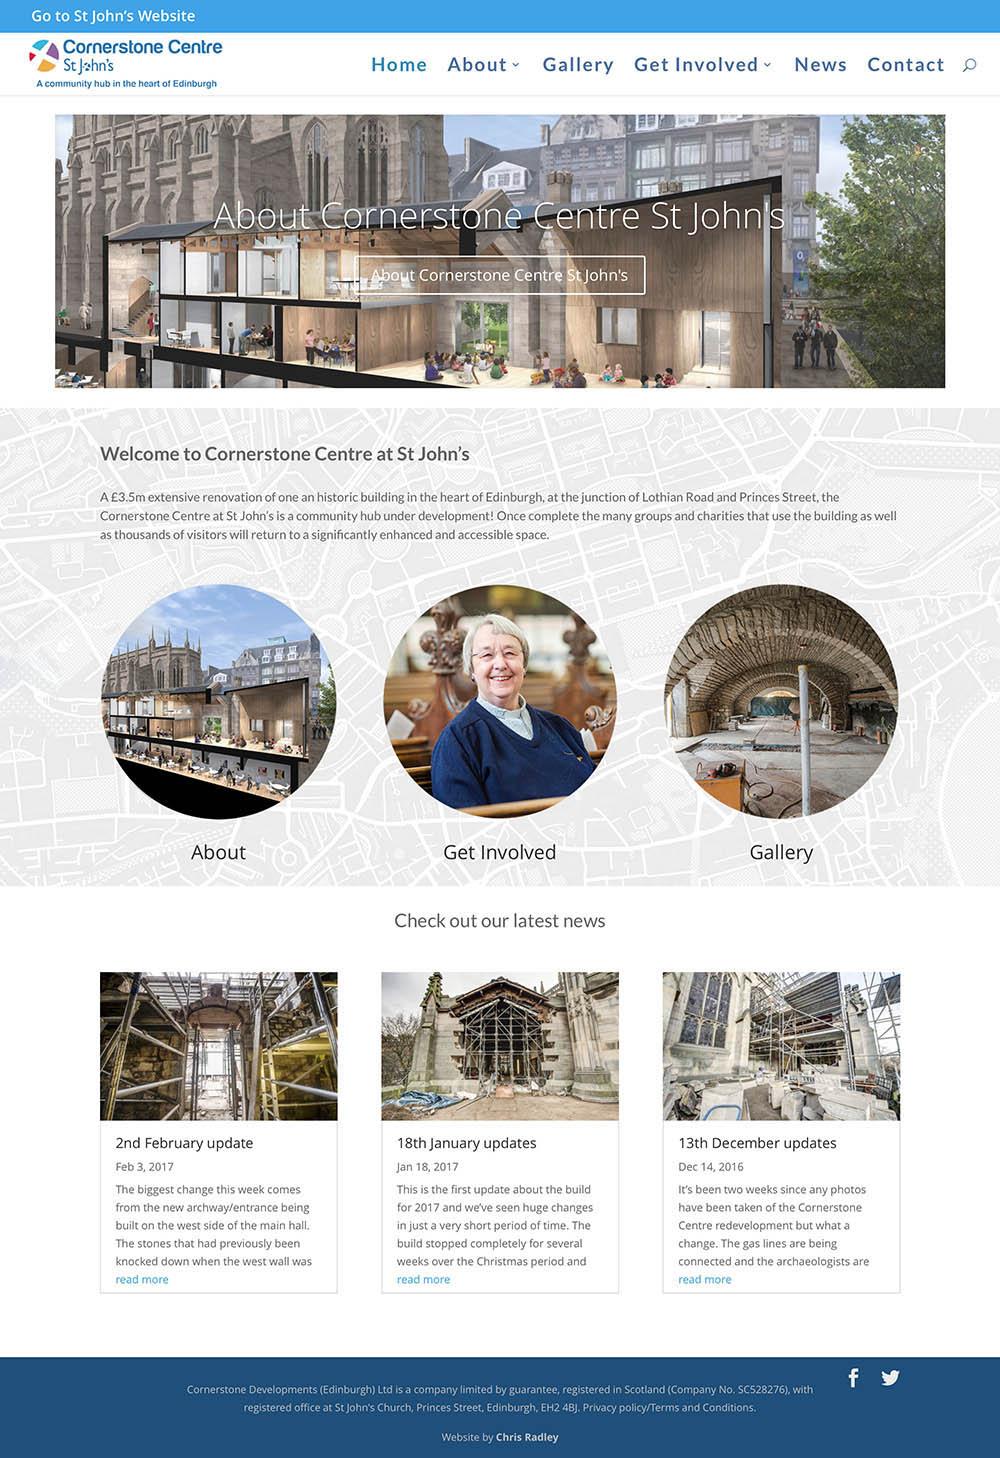 cornerstone centre full page